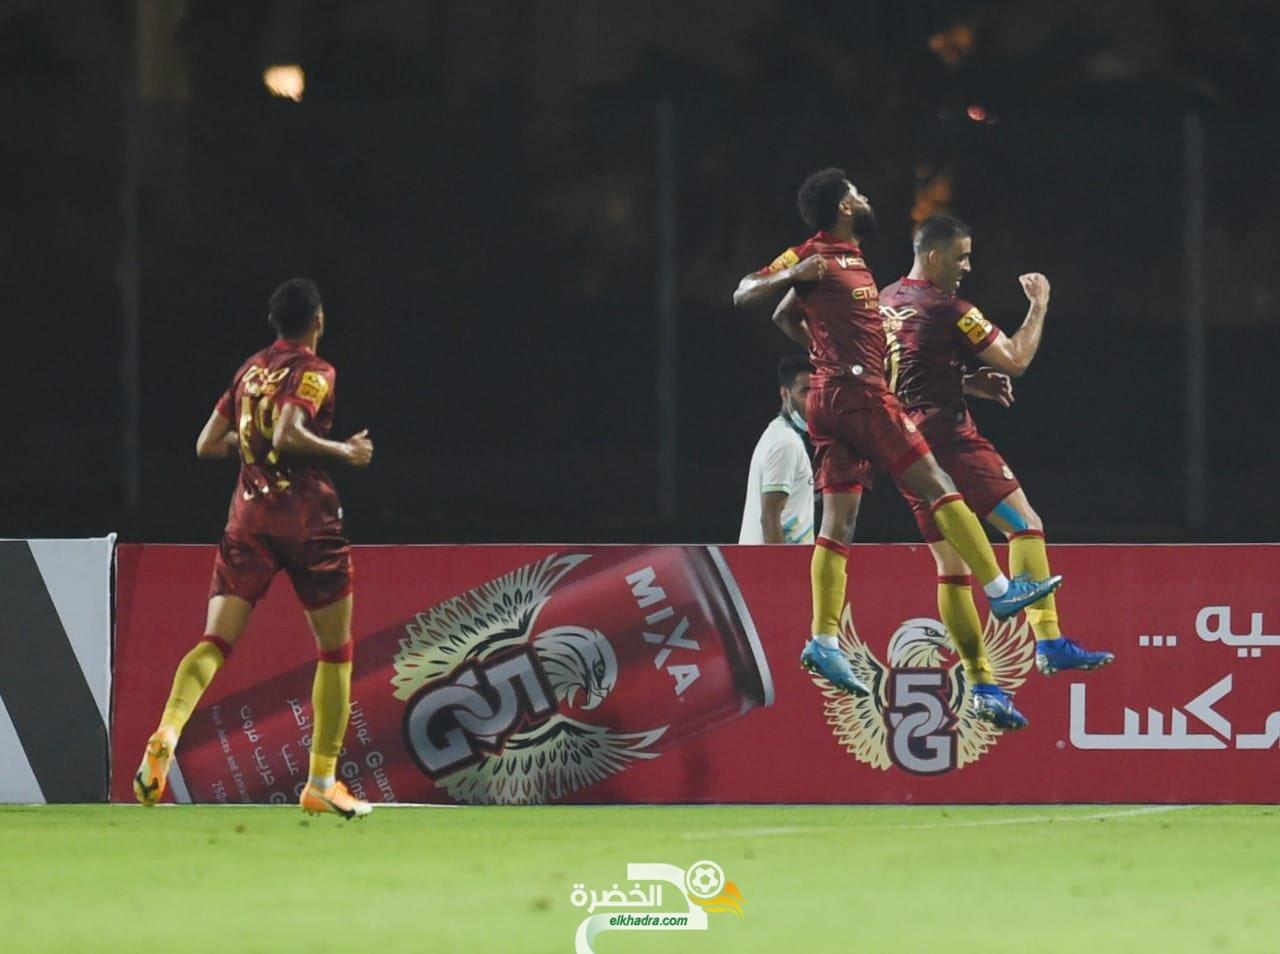 النصر يفوز على الأهلي بنتيجة 2-1 في الجولة 23 من دوري المحترفين 6